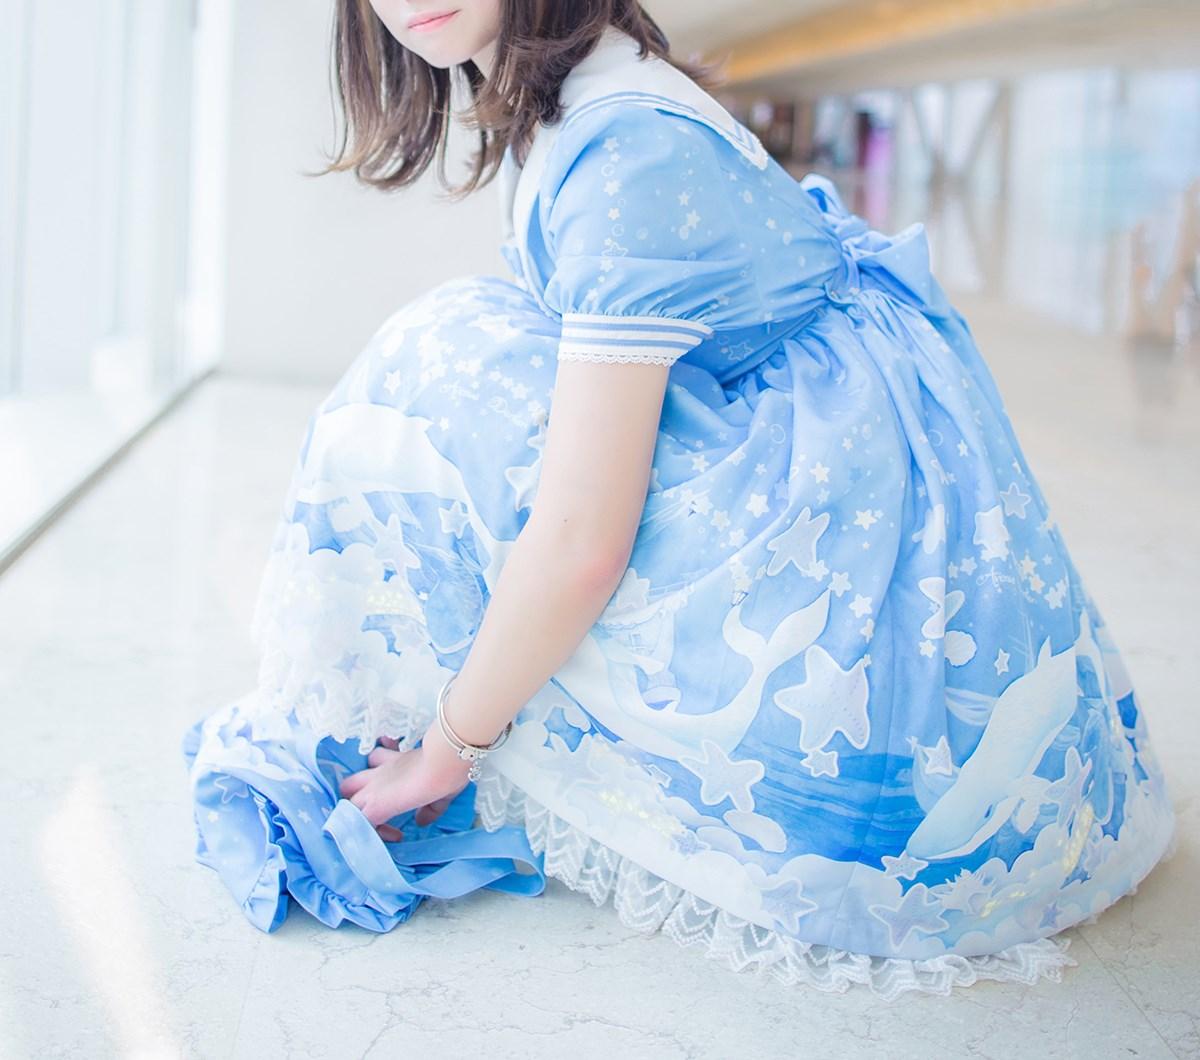 【兔玩映画】蓝色的LO娘 兔玩映画 第23张